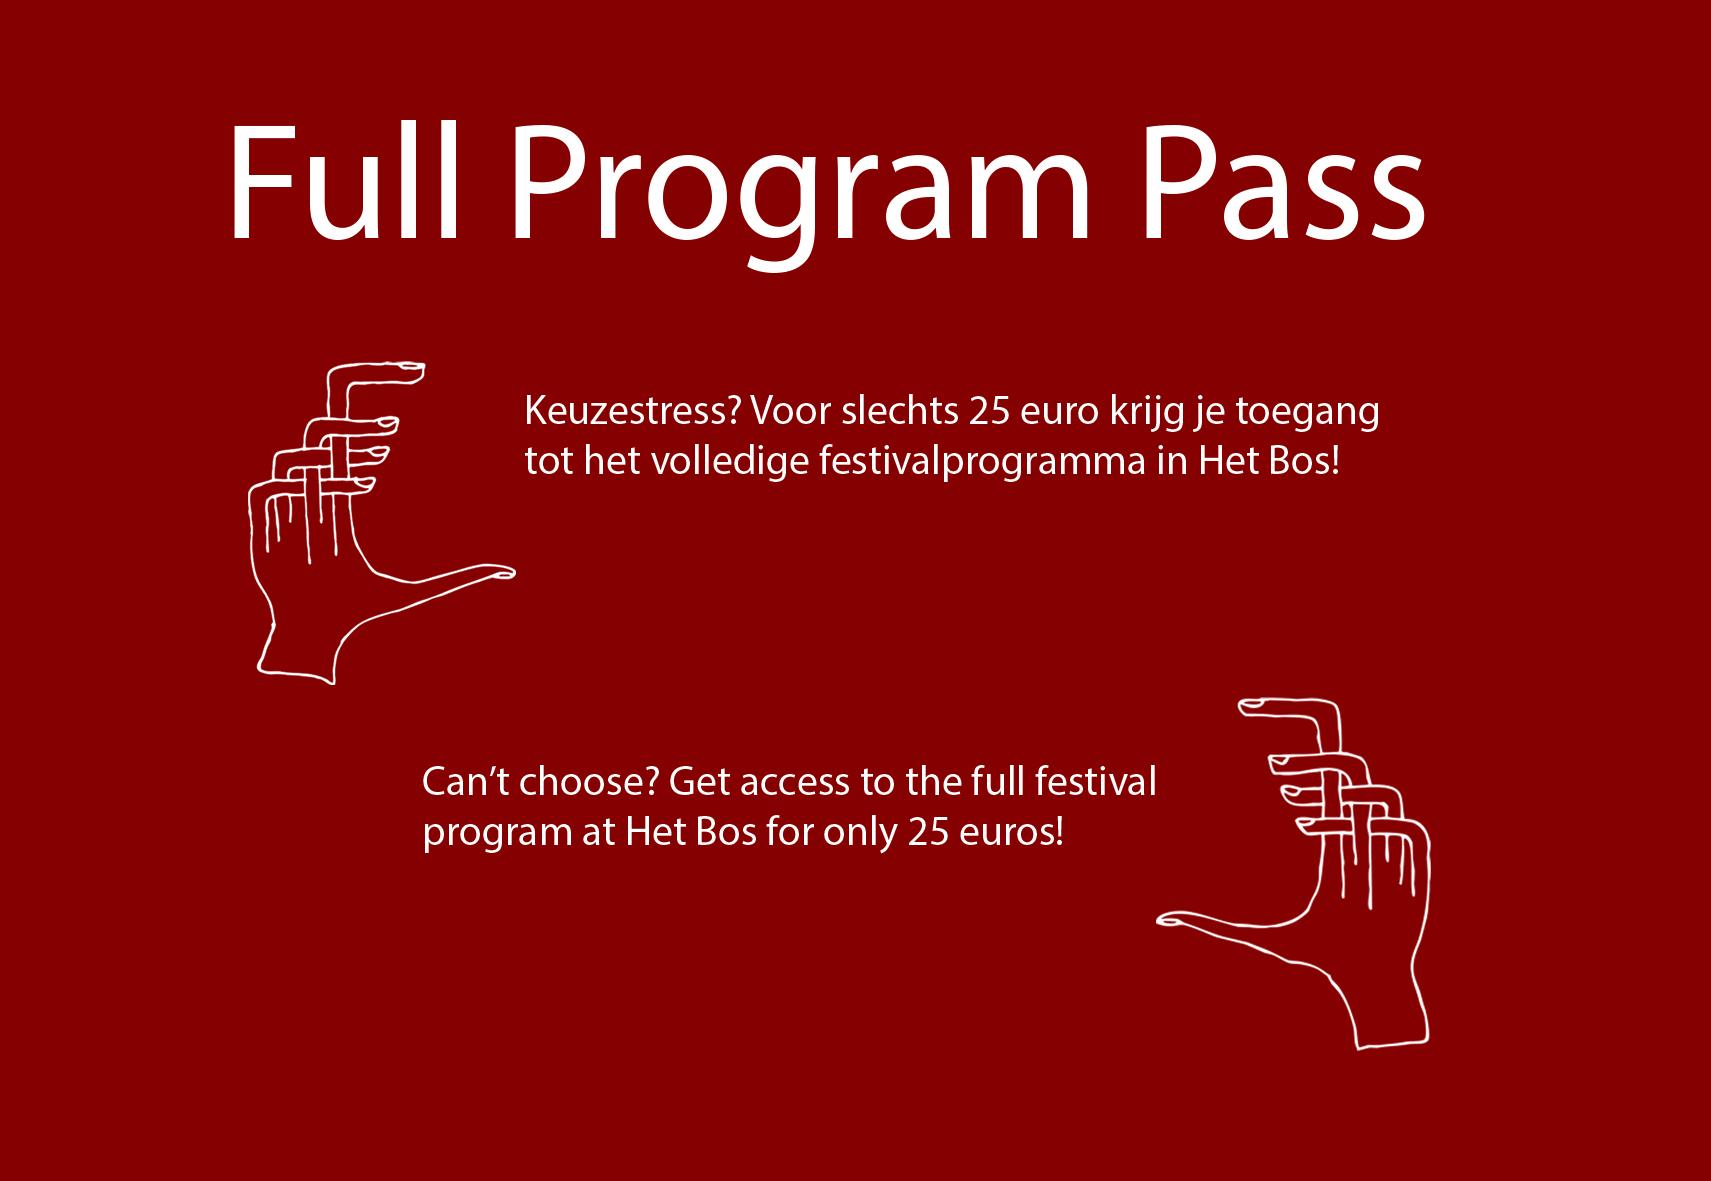 full program pass (1).jpg